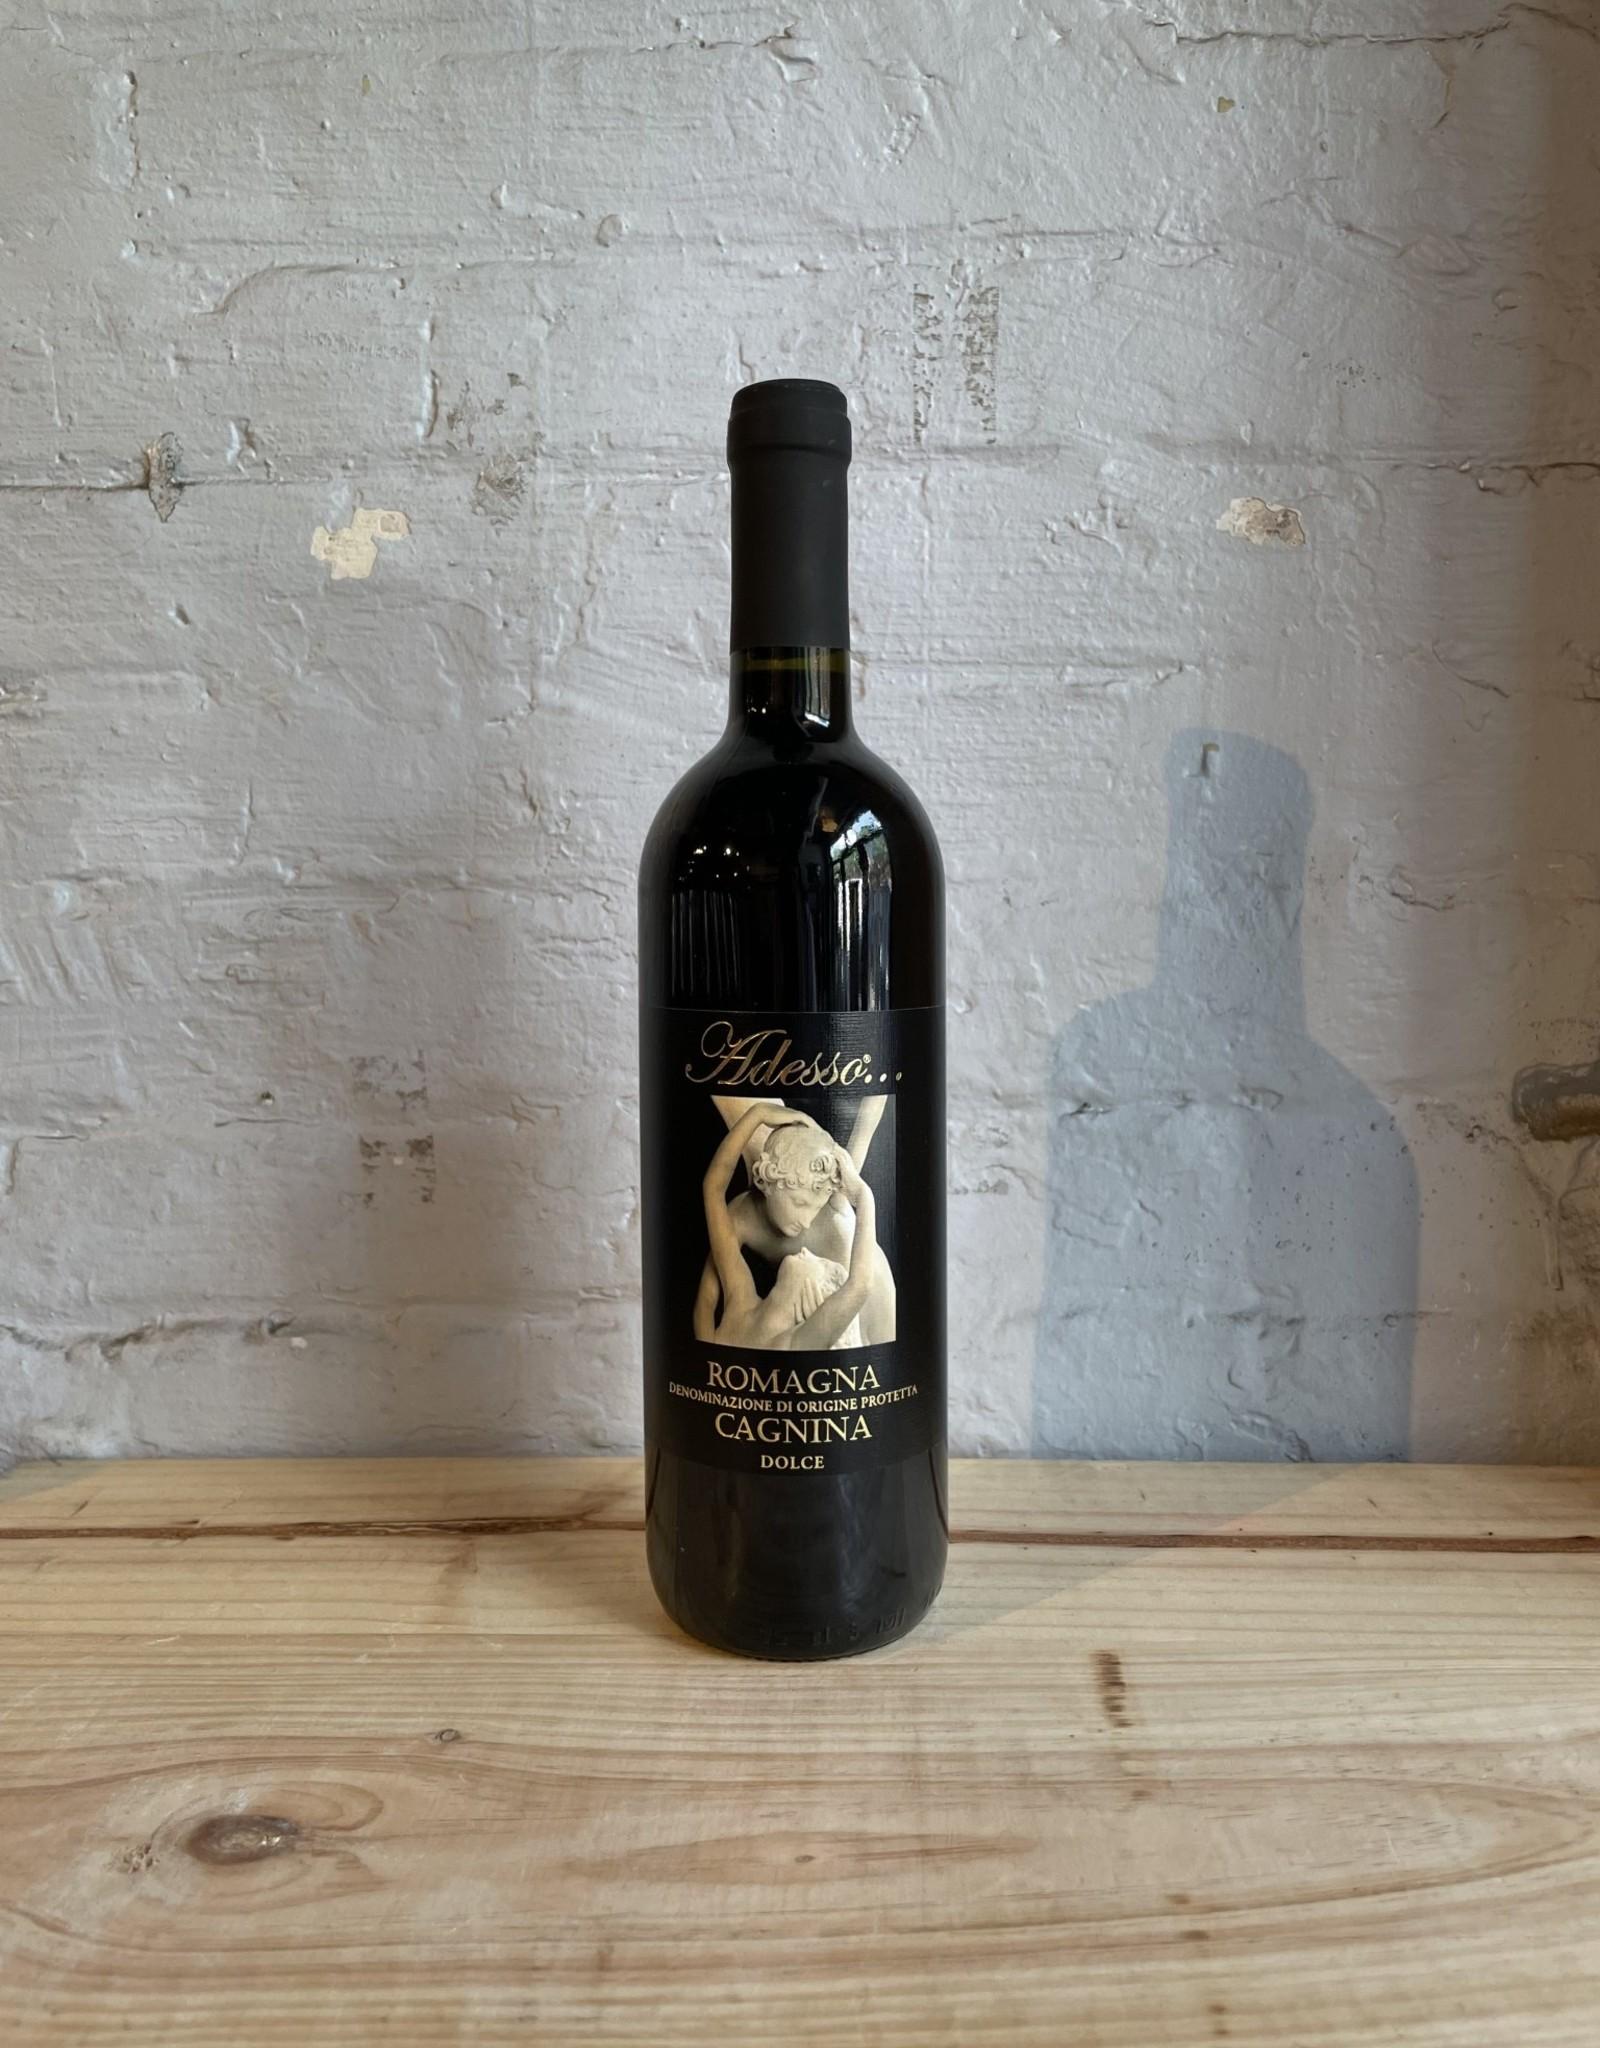 Wine 2020 Adesso Cagnina di Romagna Dolce Refosco - Emilia Romagna, Italy (750ml)